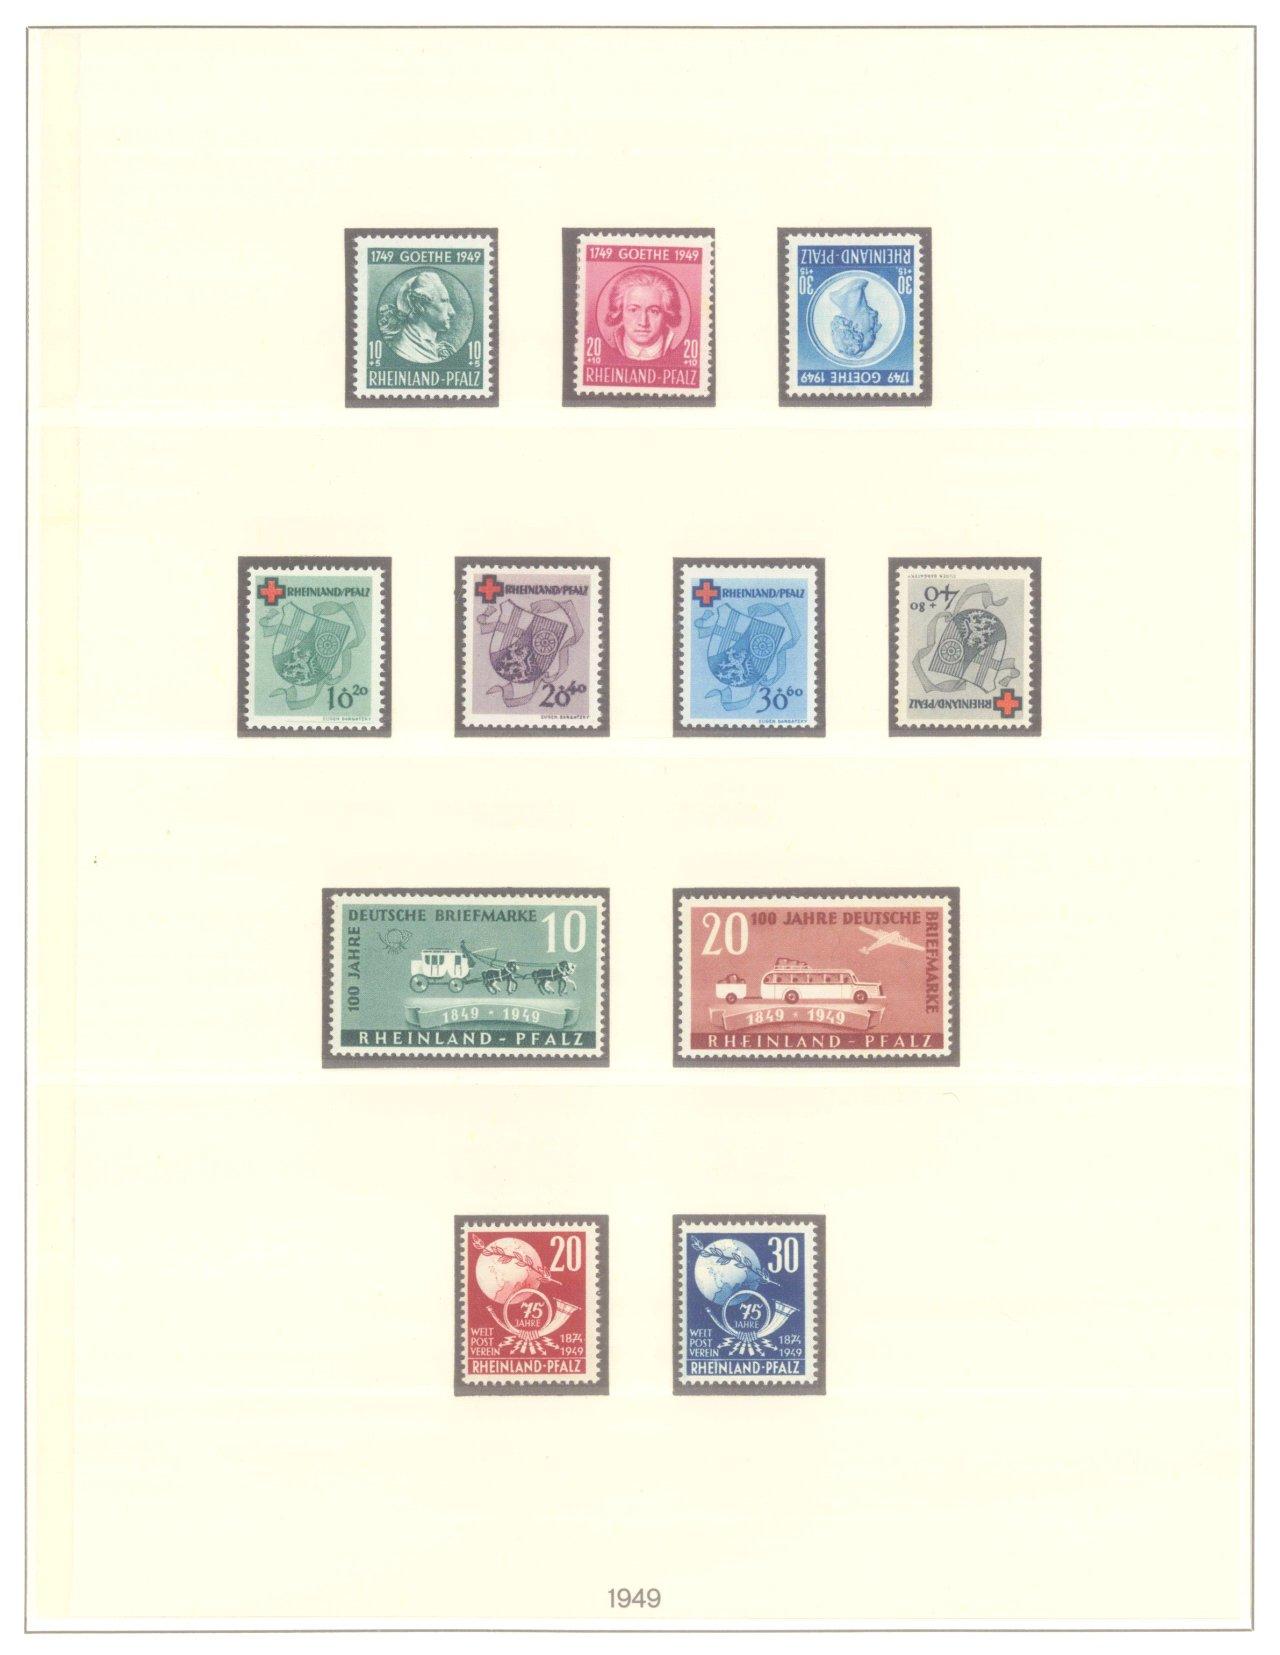 FRANZÖSISCHE ZONE RHEIN-PFALZ 1947-1949-2